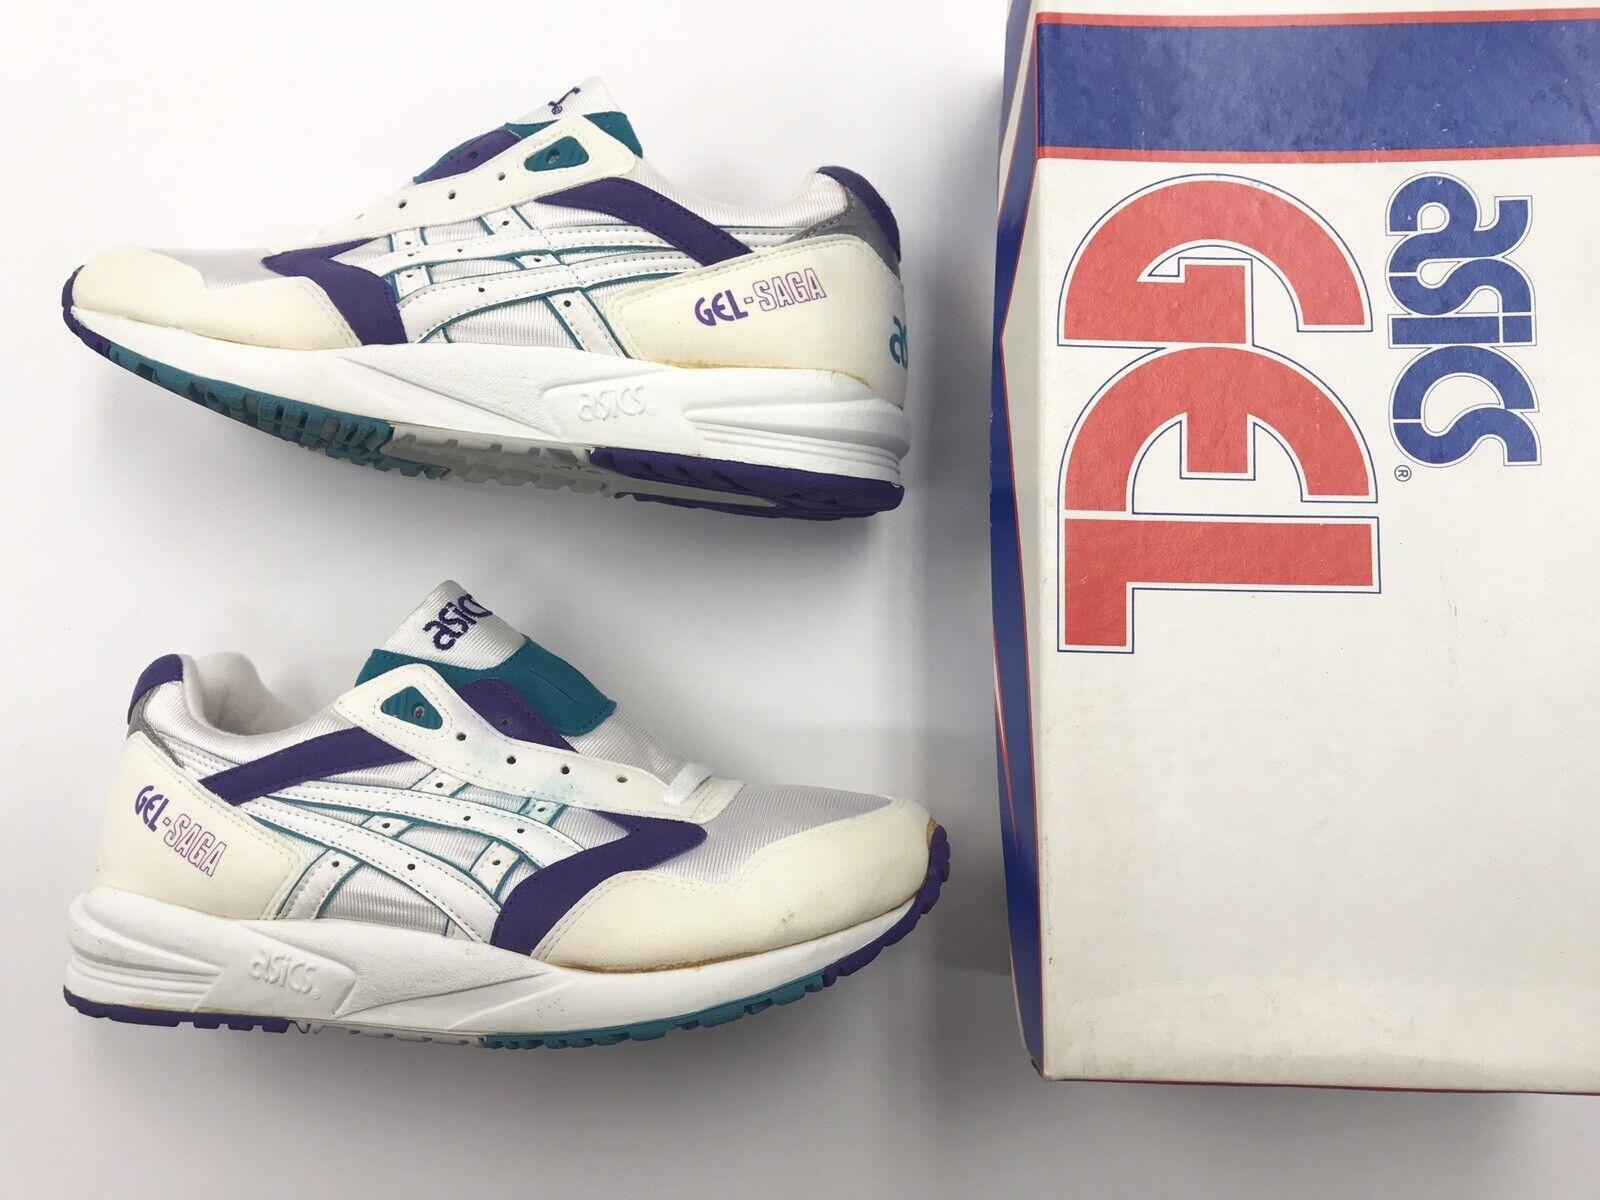 Vintage DS Asics Gel Saga White Teal Grape SZ 9 Men Running shoes